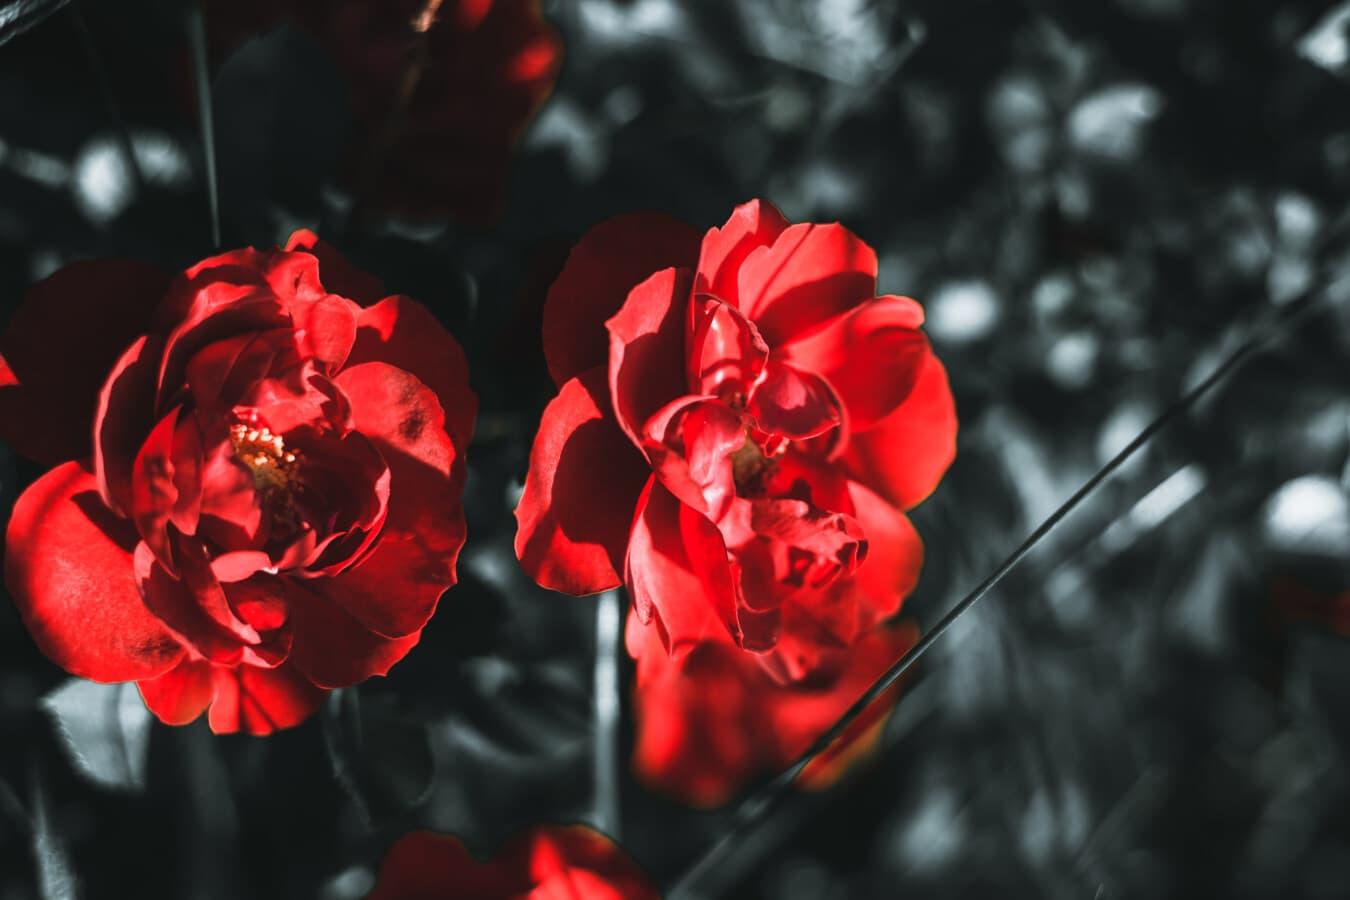 rötlich, schöne Blumen, Blütenblätter, dunkelrot, Schatten, Zweig, Anlage, Blume, Strauch, Blütenblatt